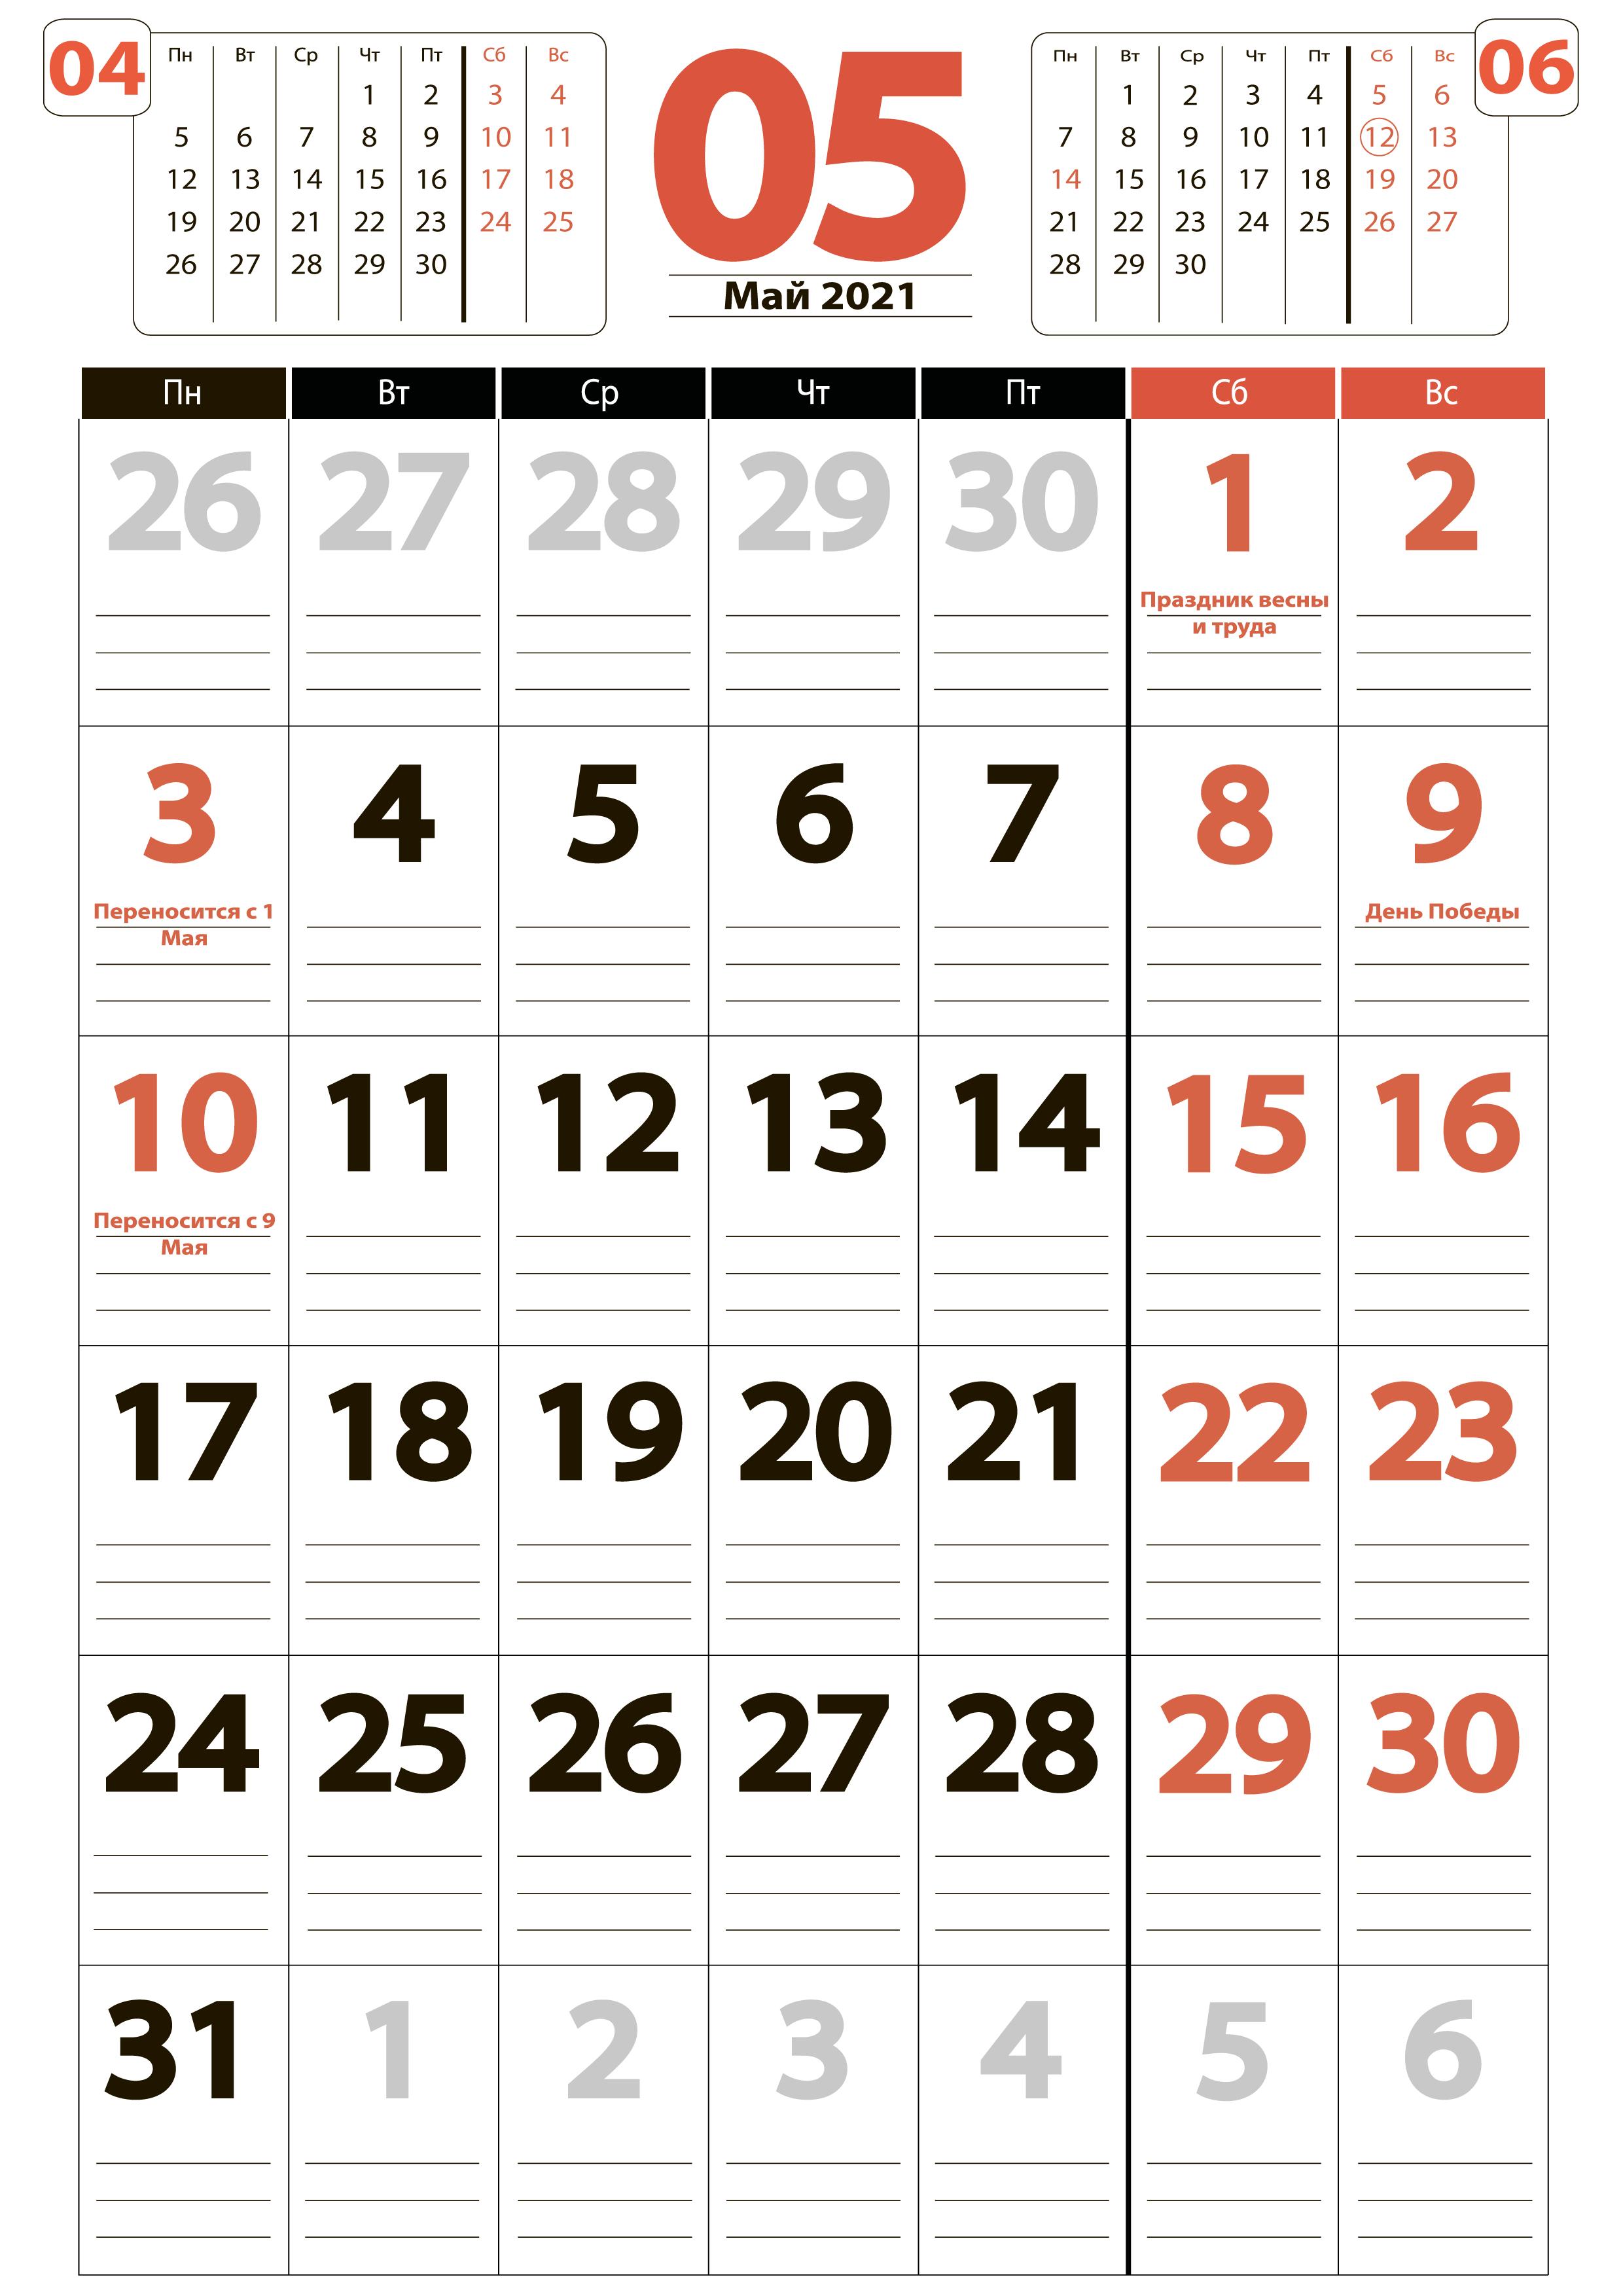 Май 2021 - Календарь книжный формат